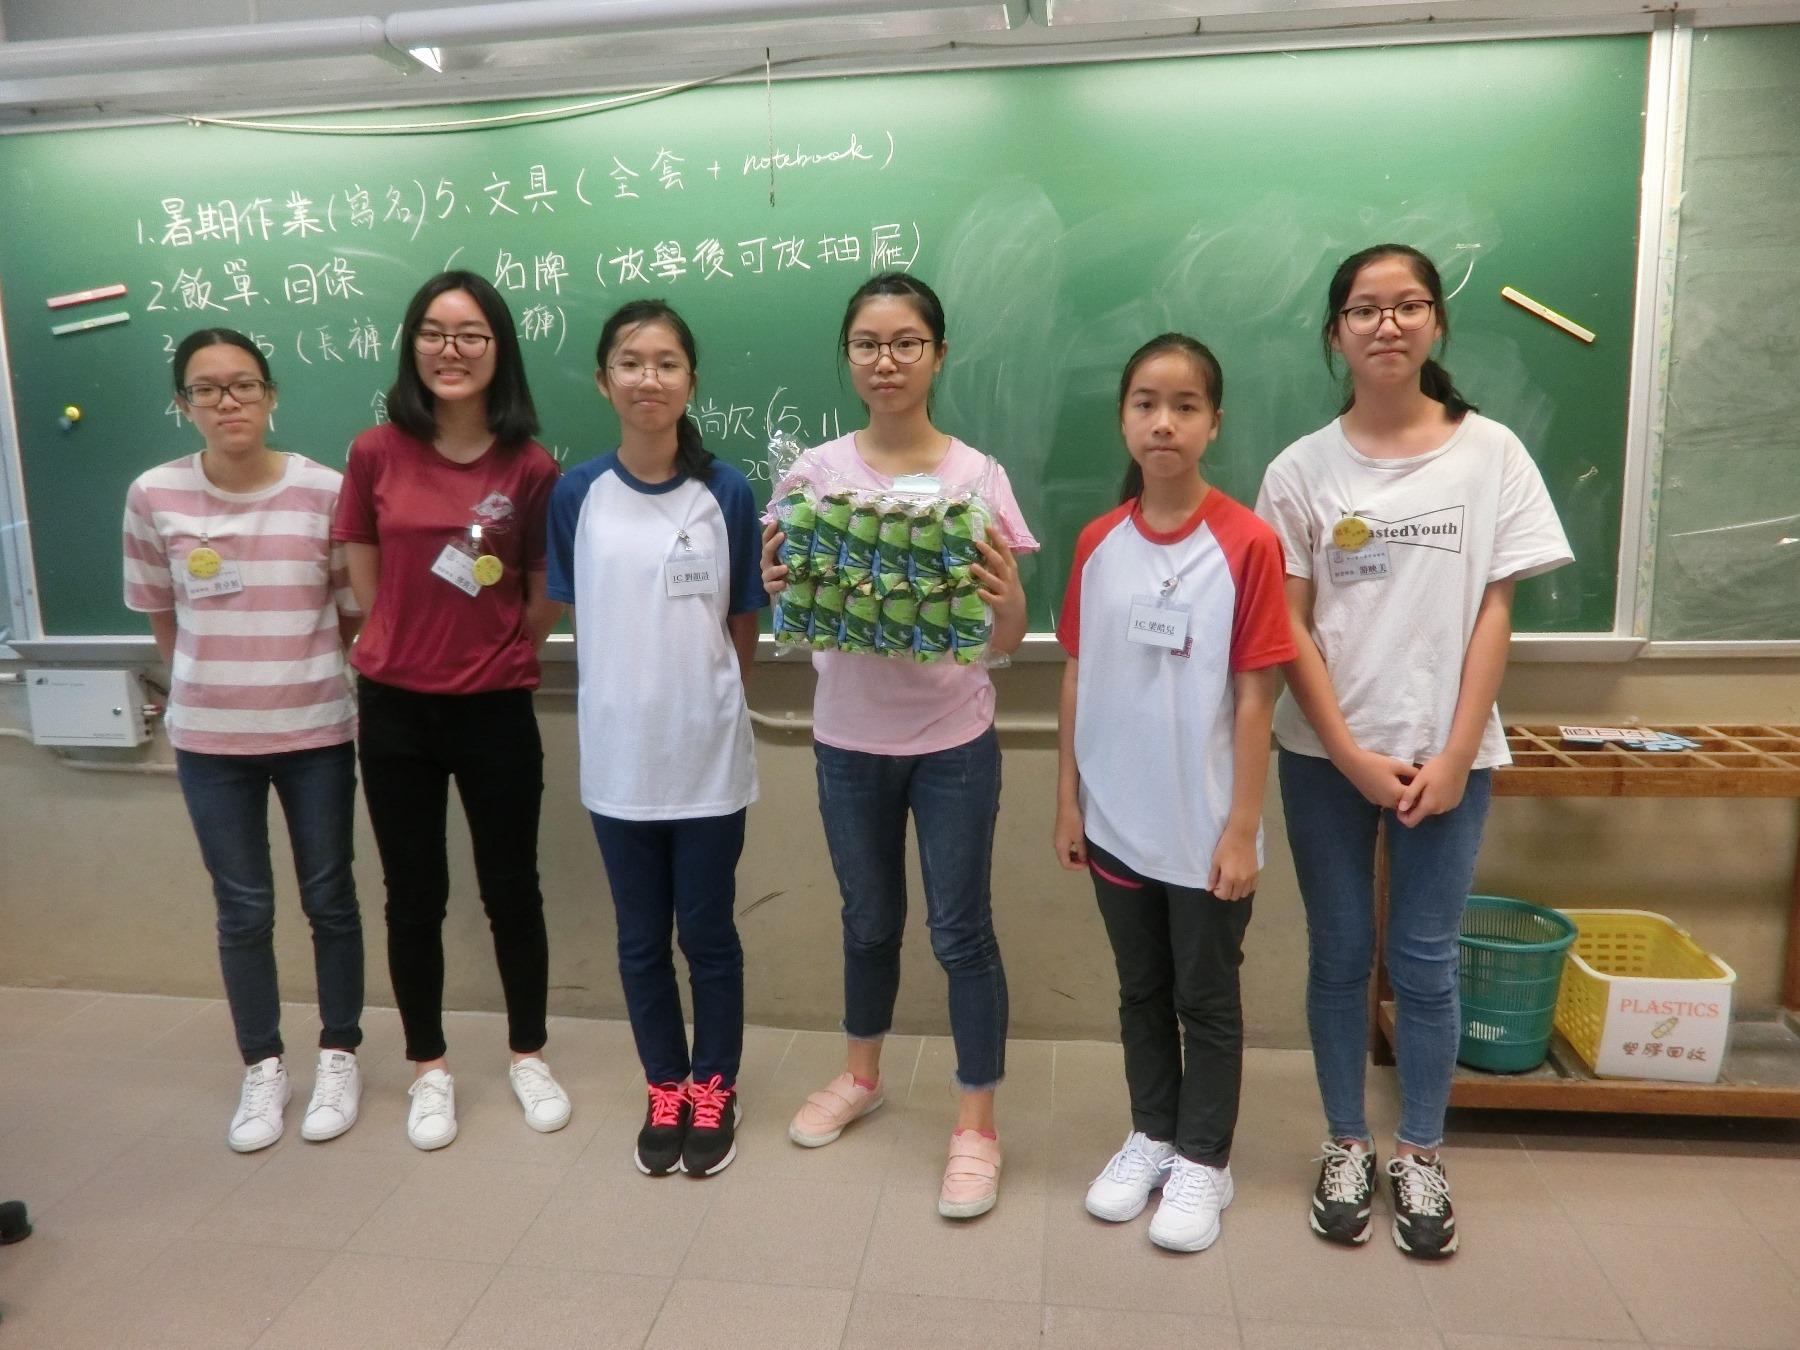 http://npc.edu.hk/sites/default/files/1c_wen_gu_zhi_xin_04.jpg